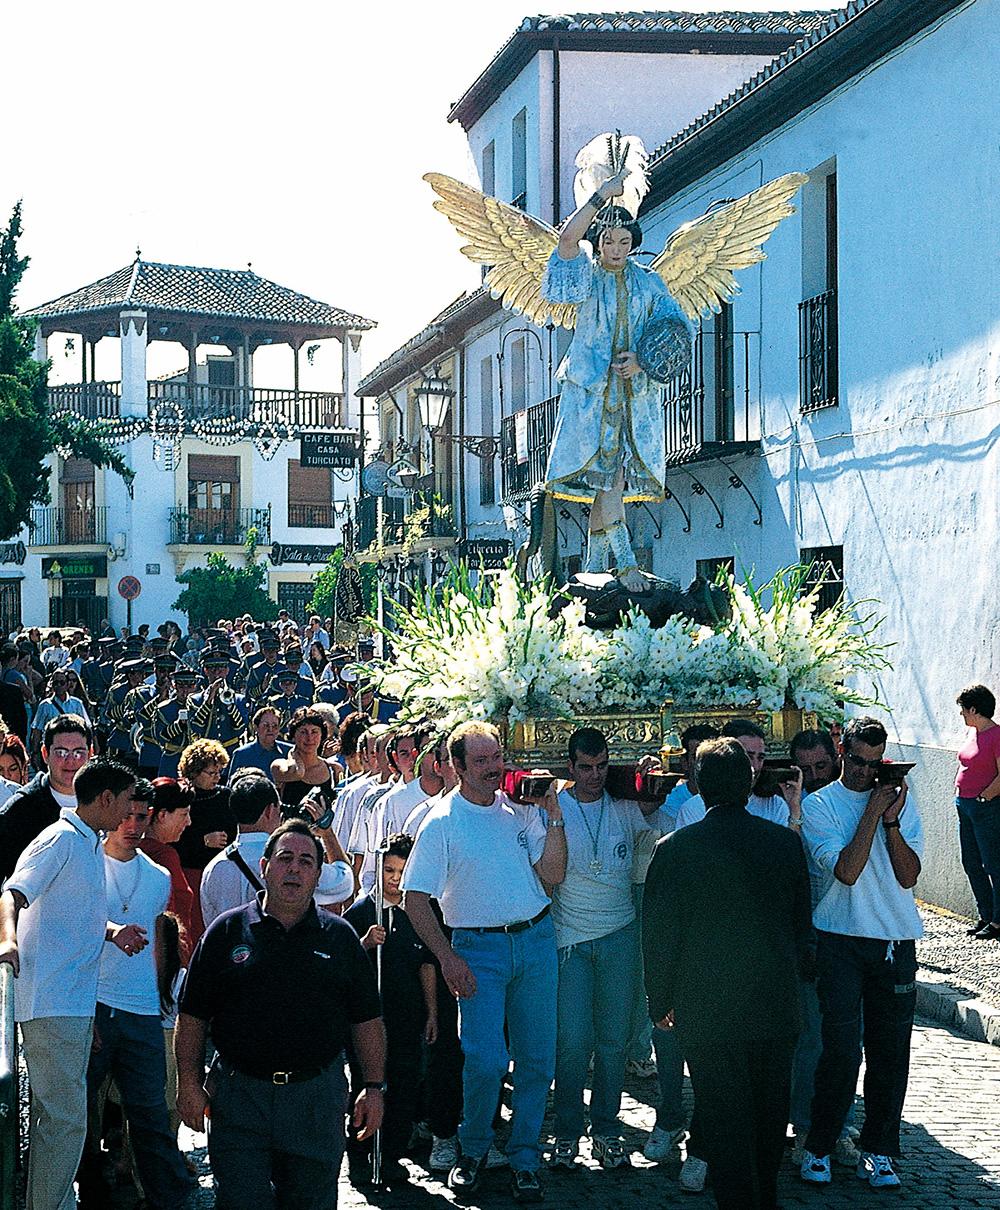 Romería de San Miguel, en el barrio granadino del Albaicín.